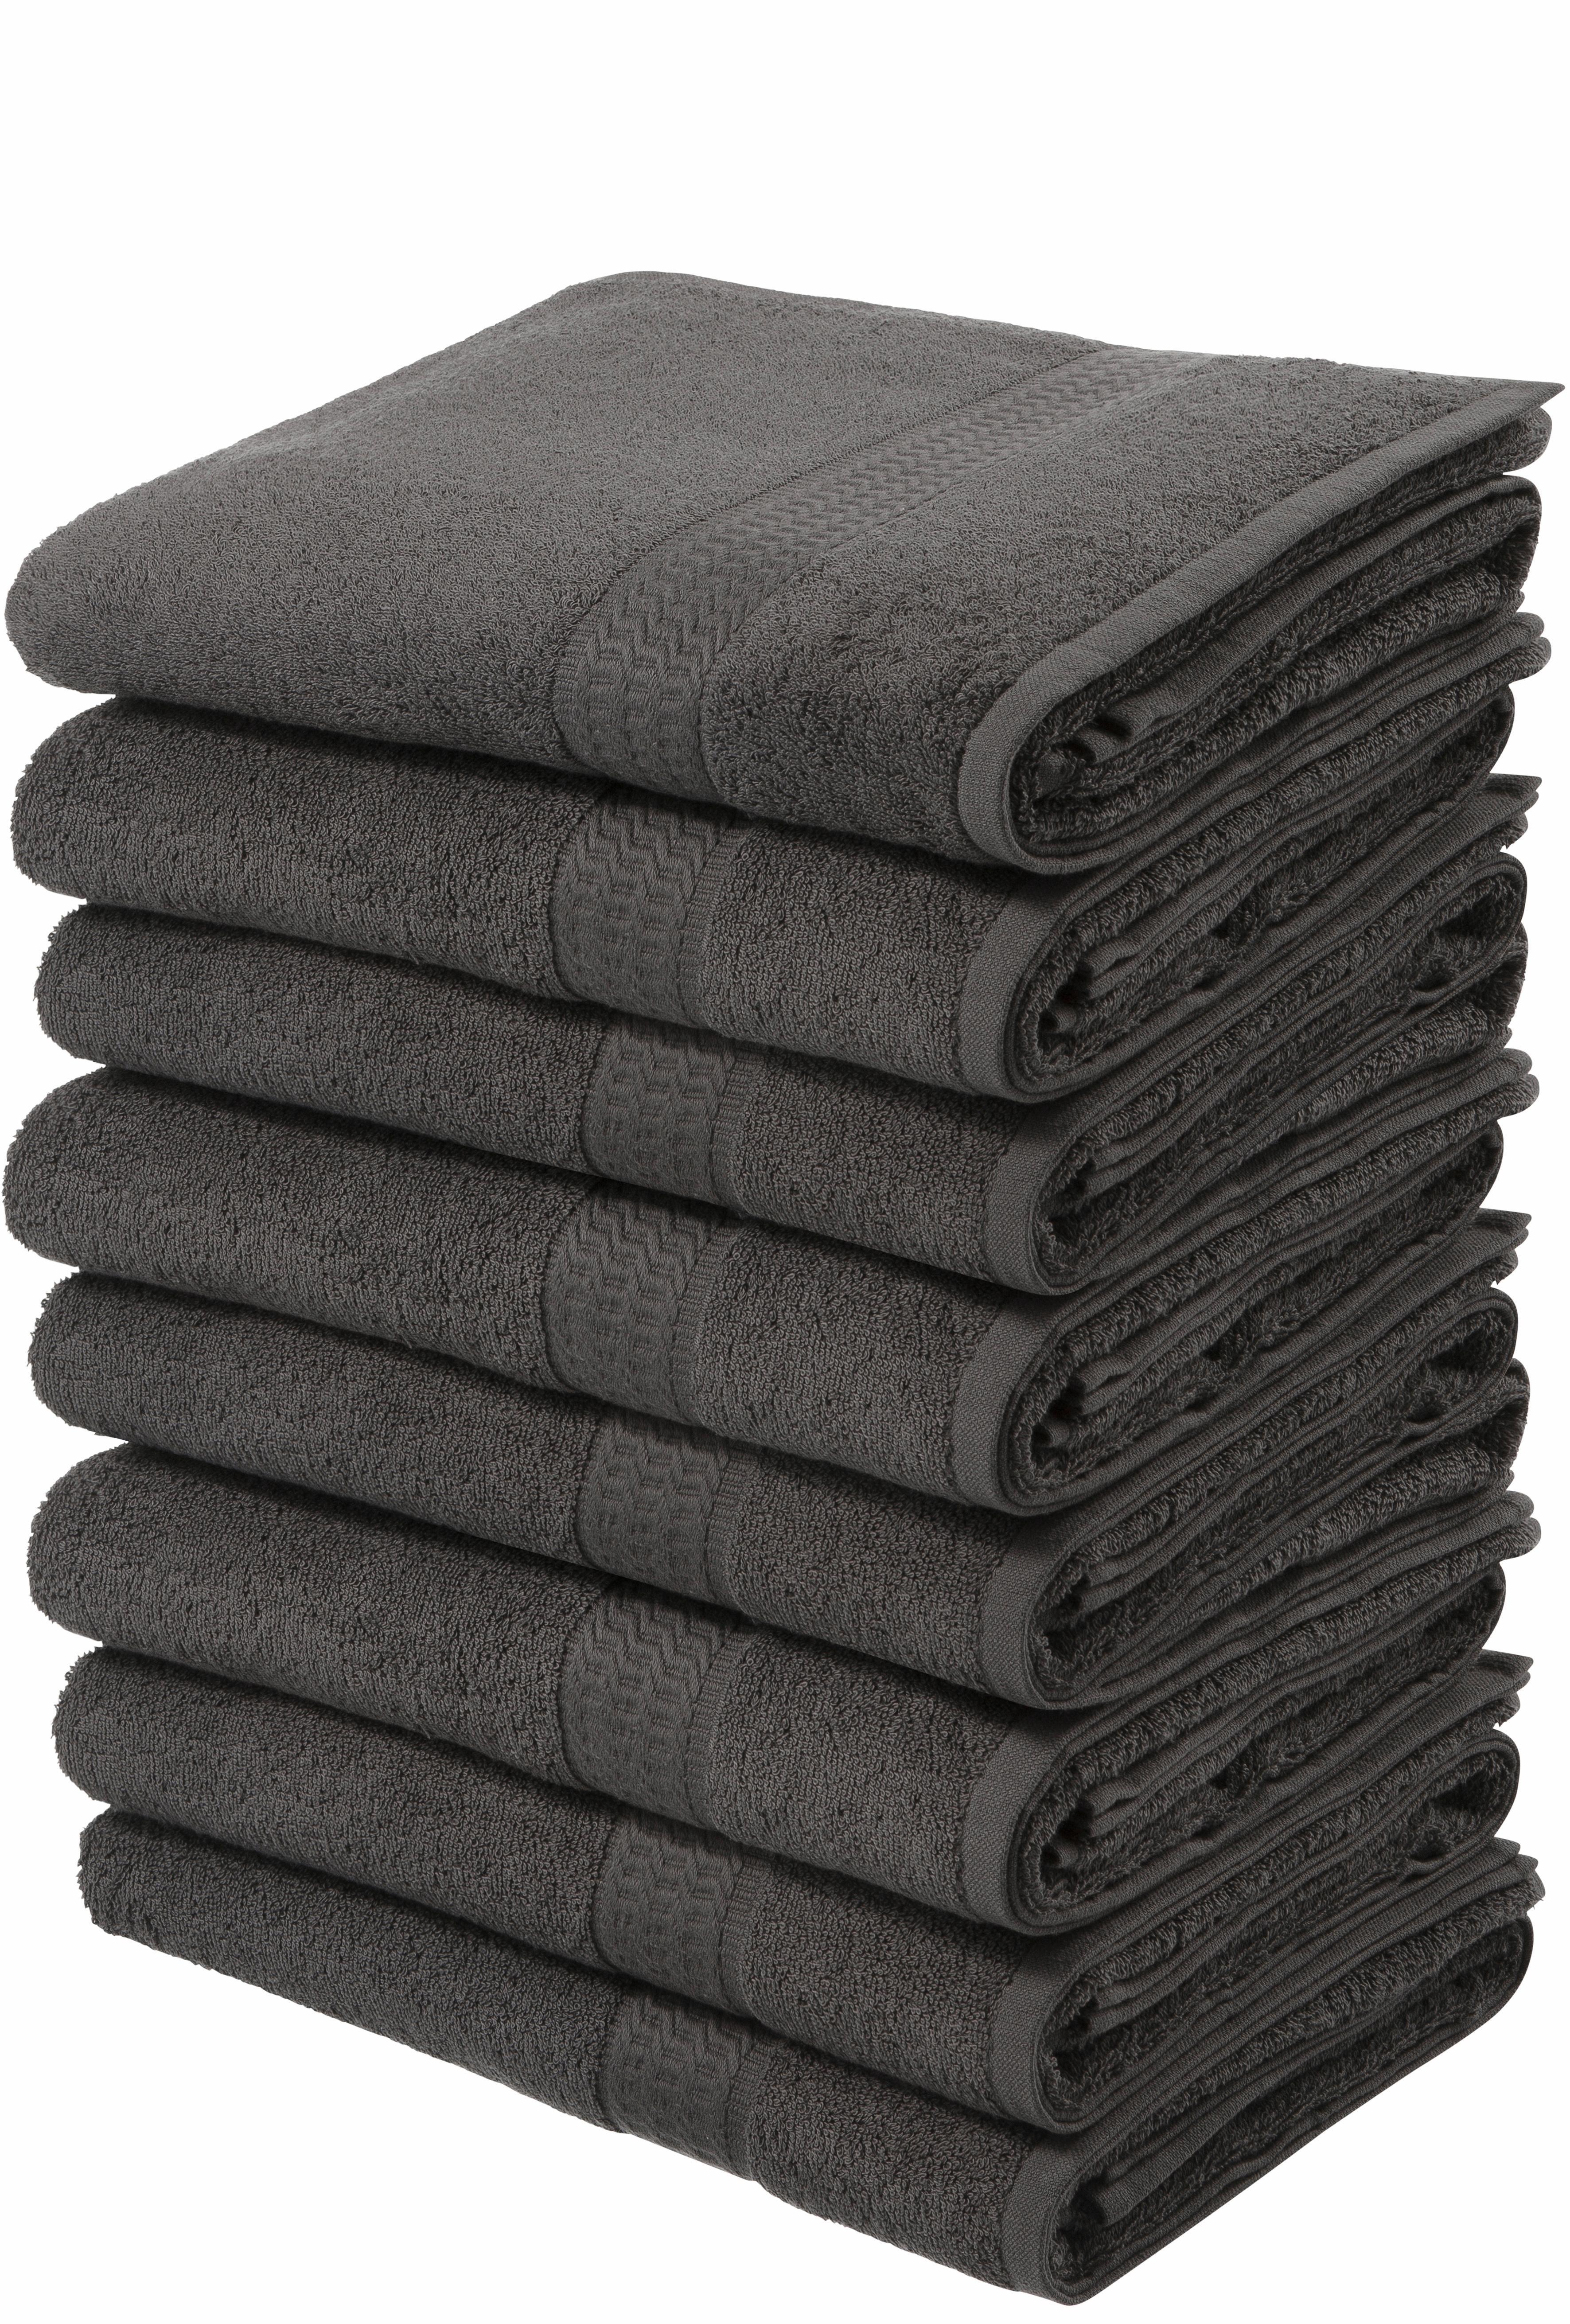 my home handdoeken Juna in een voordeelpakket (8 stuks) nu online kopen bij OTTO